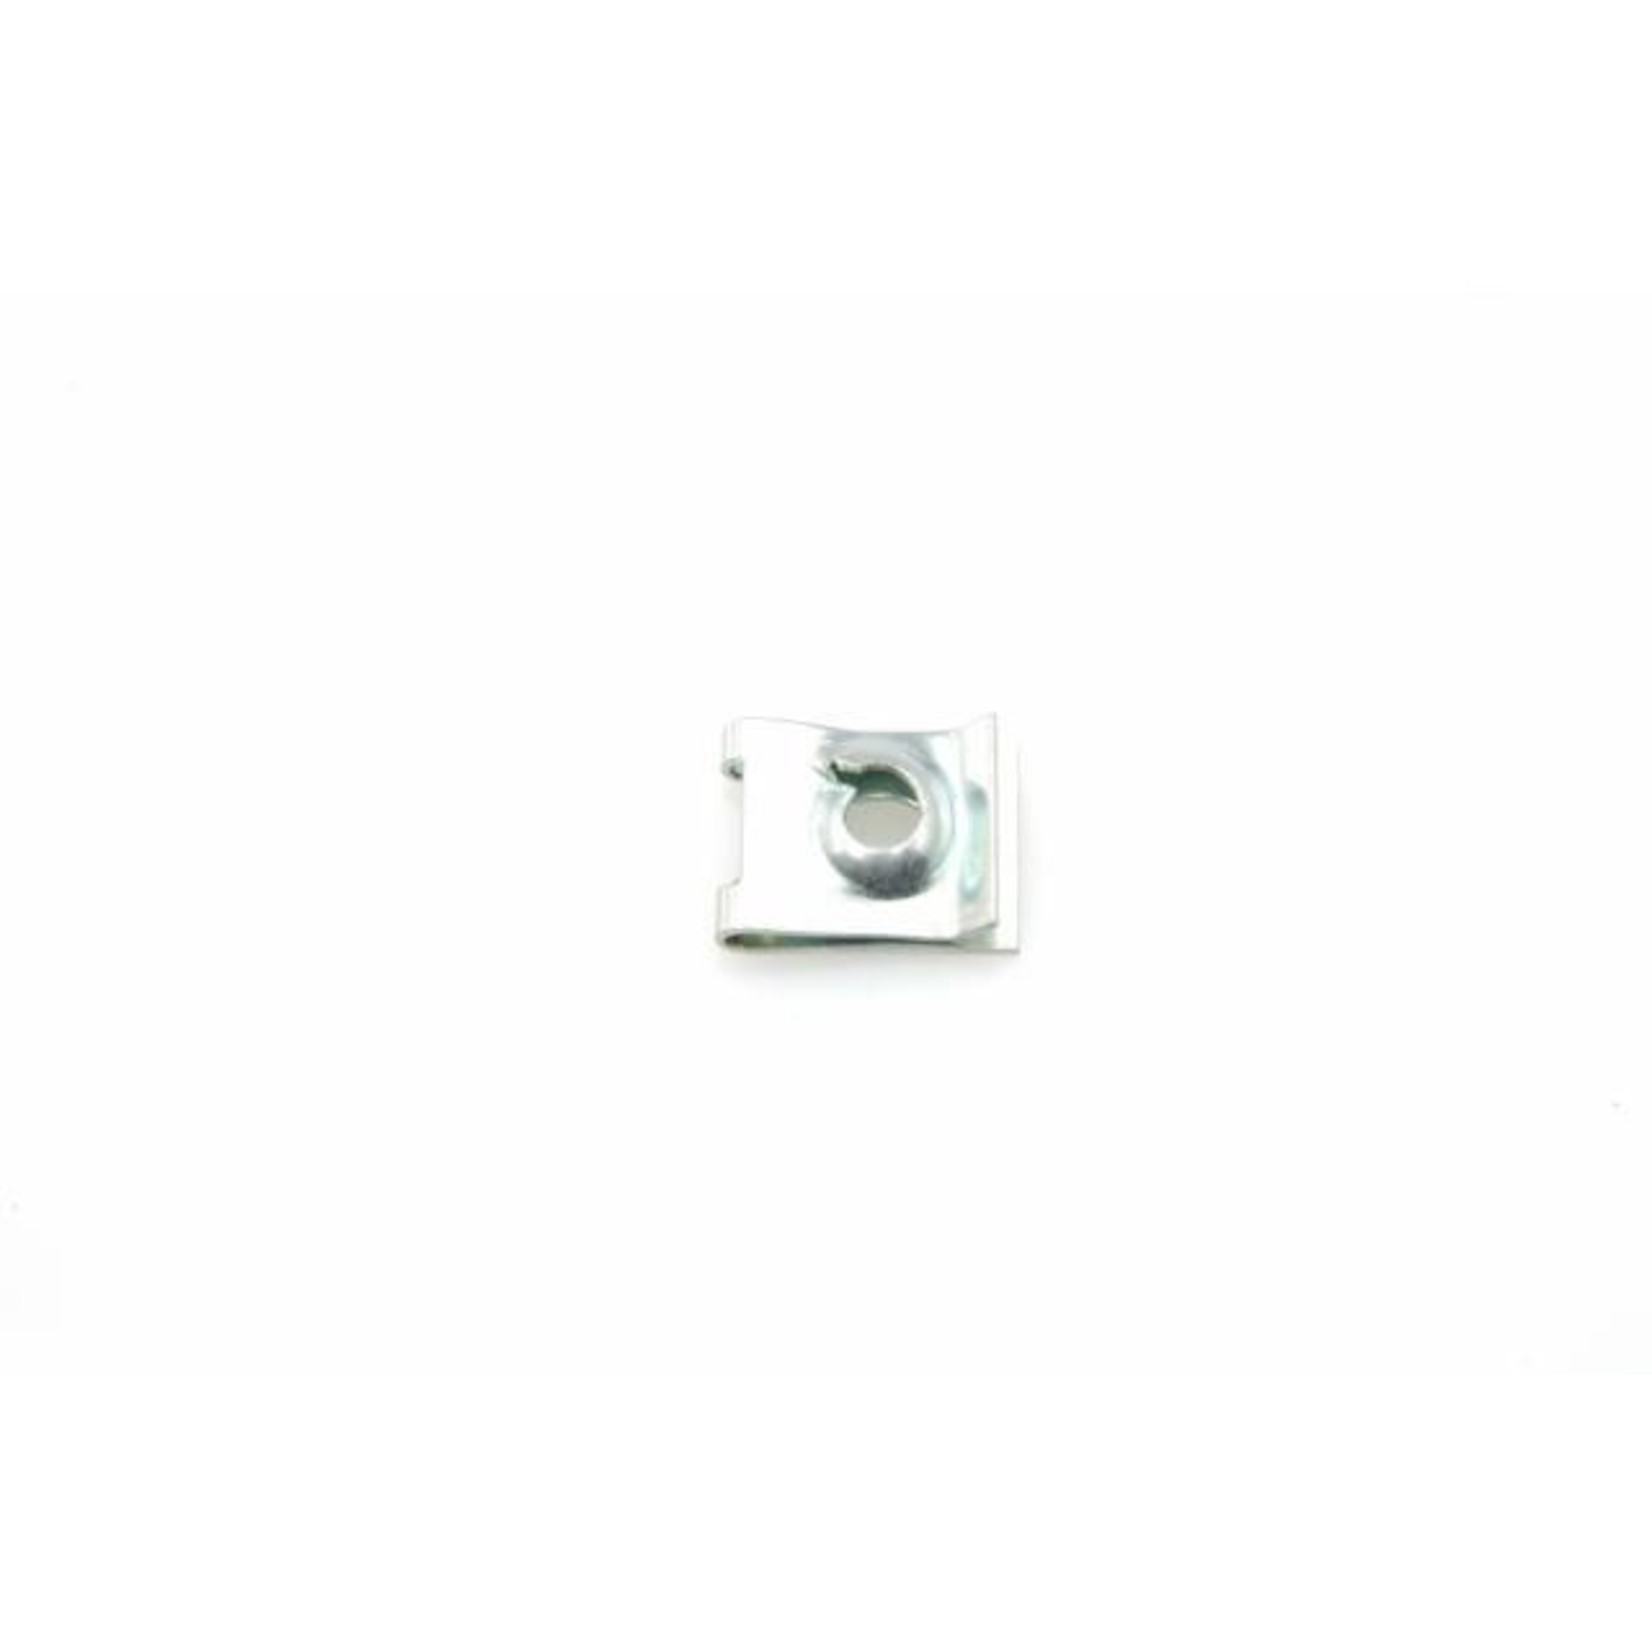 Clip parker knipperlicht voor Nr Org: 26157109